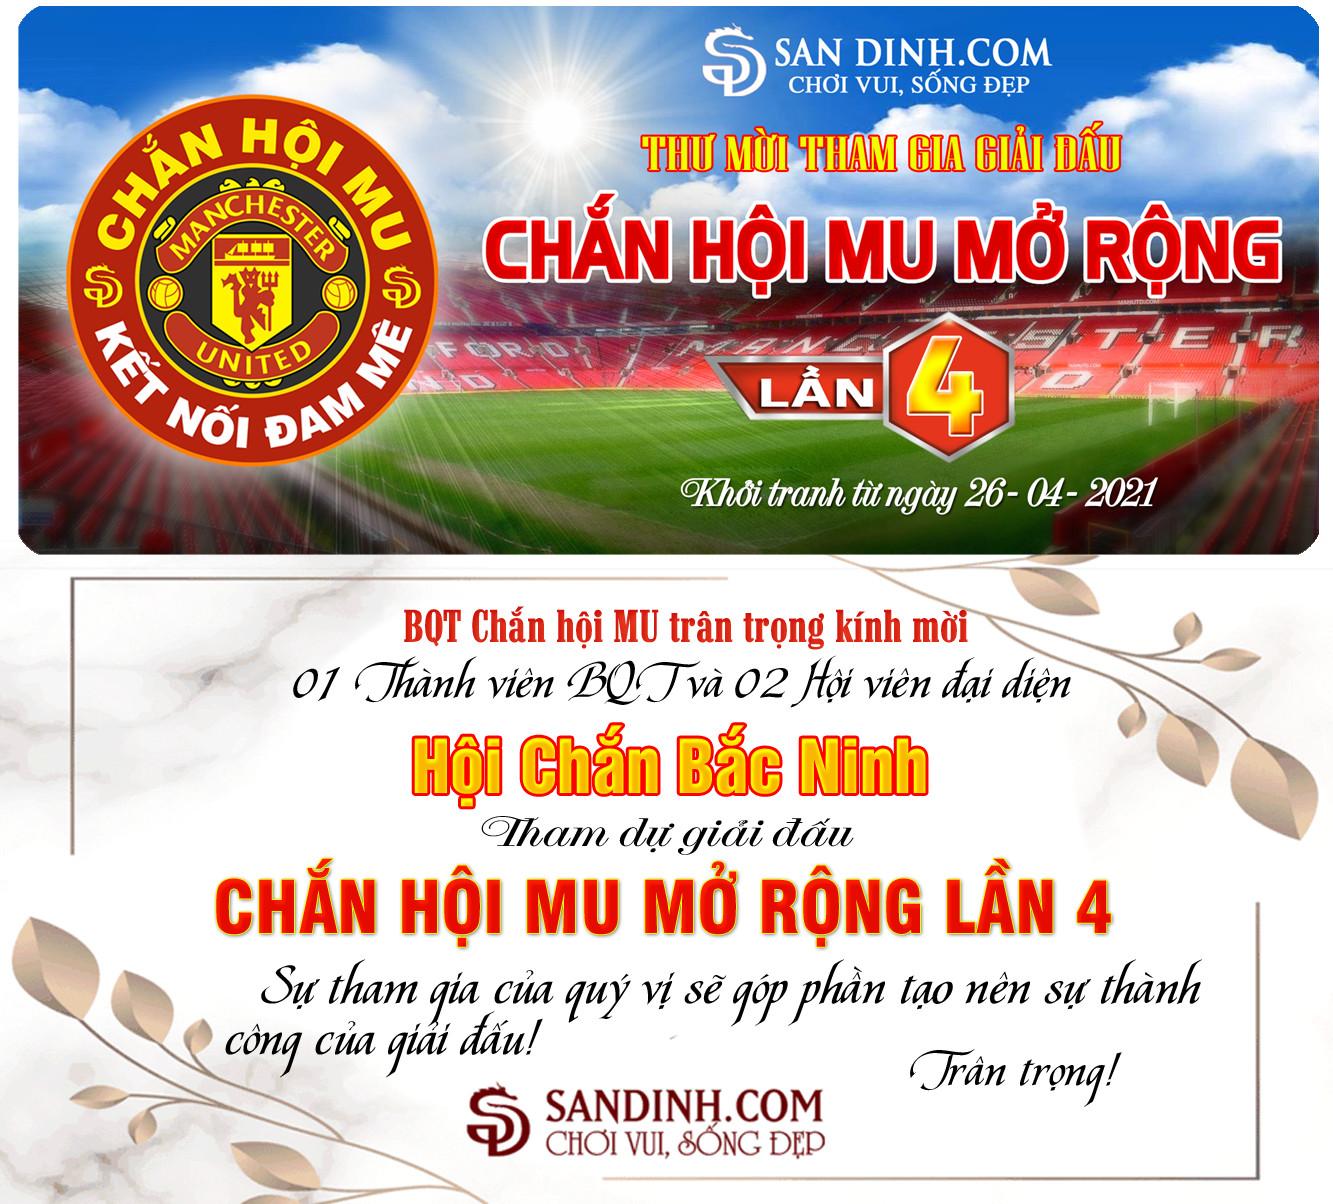 Bac Ninh.